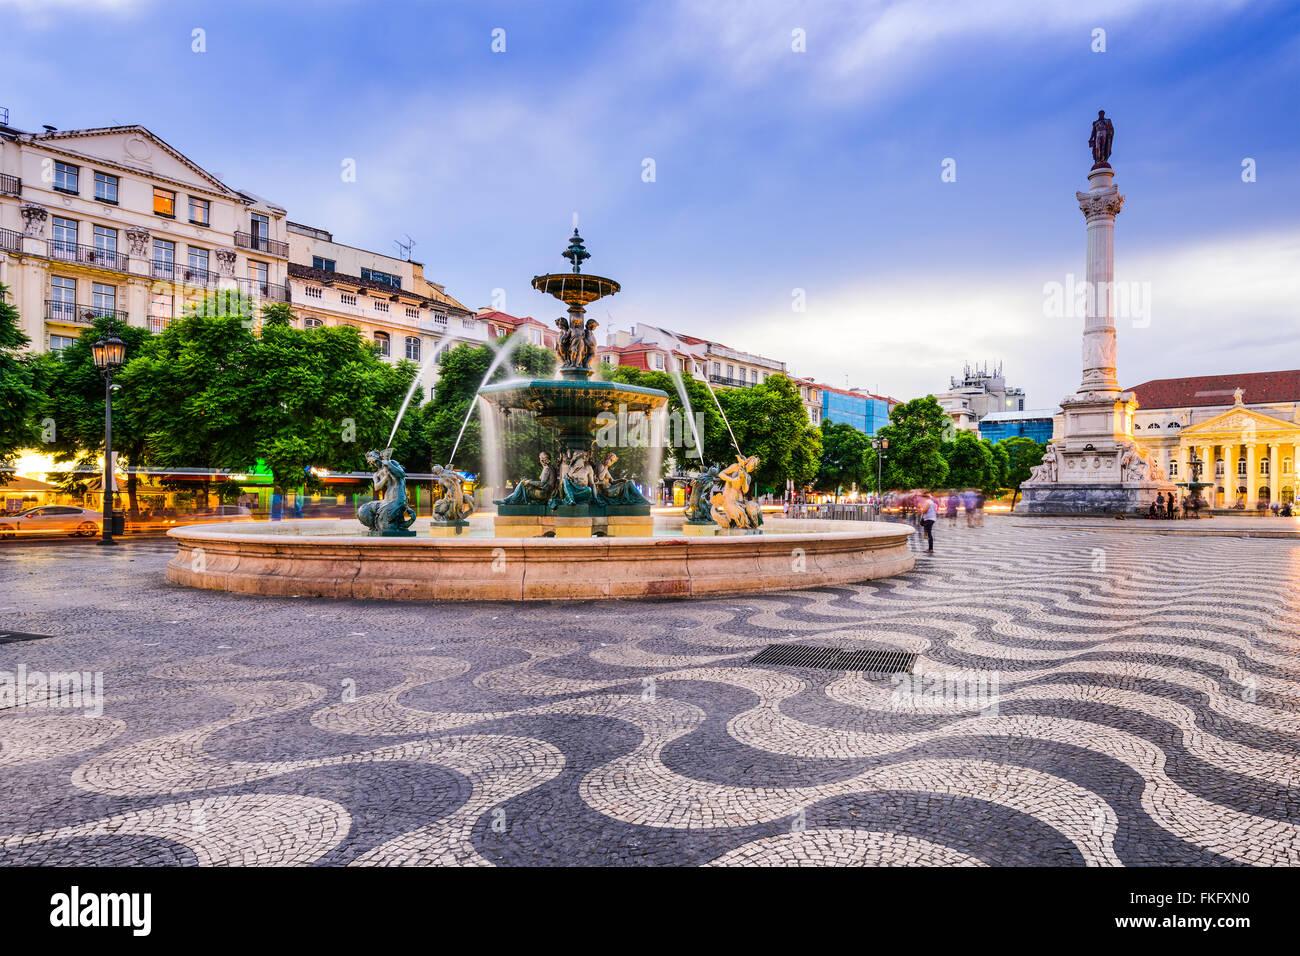 Lisbon, Portugal cityscape at Rossio Square. - Stock Image